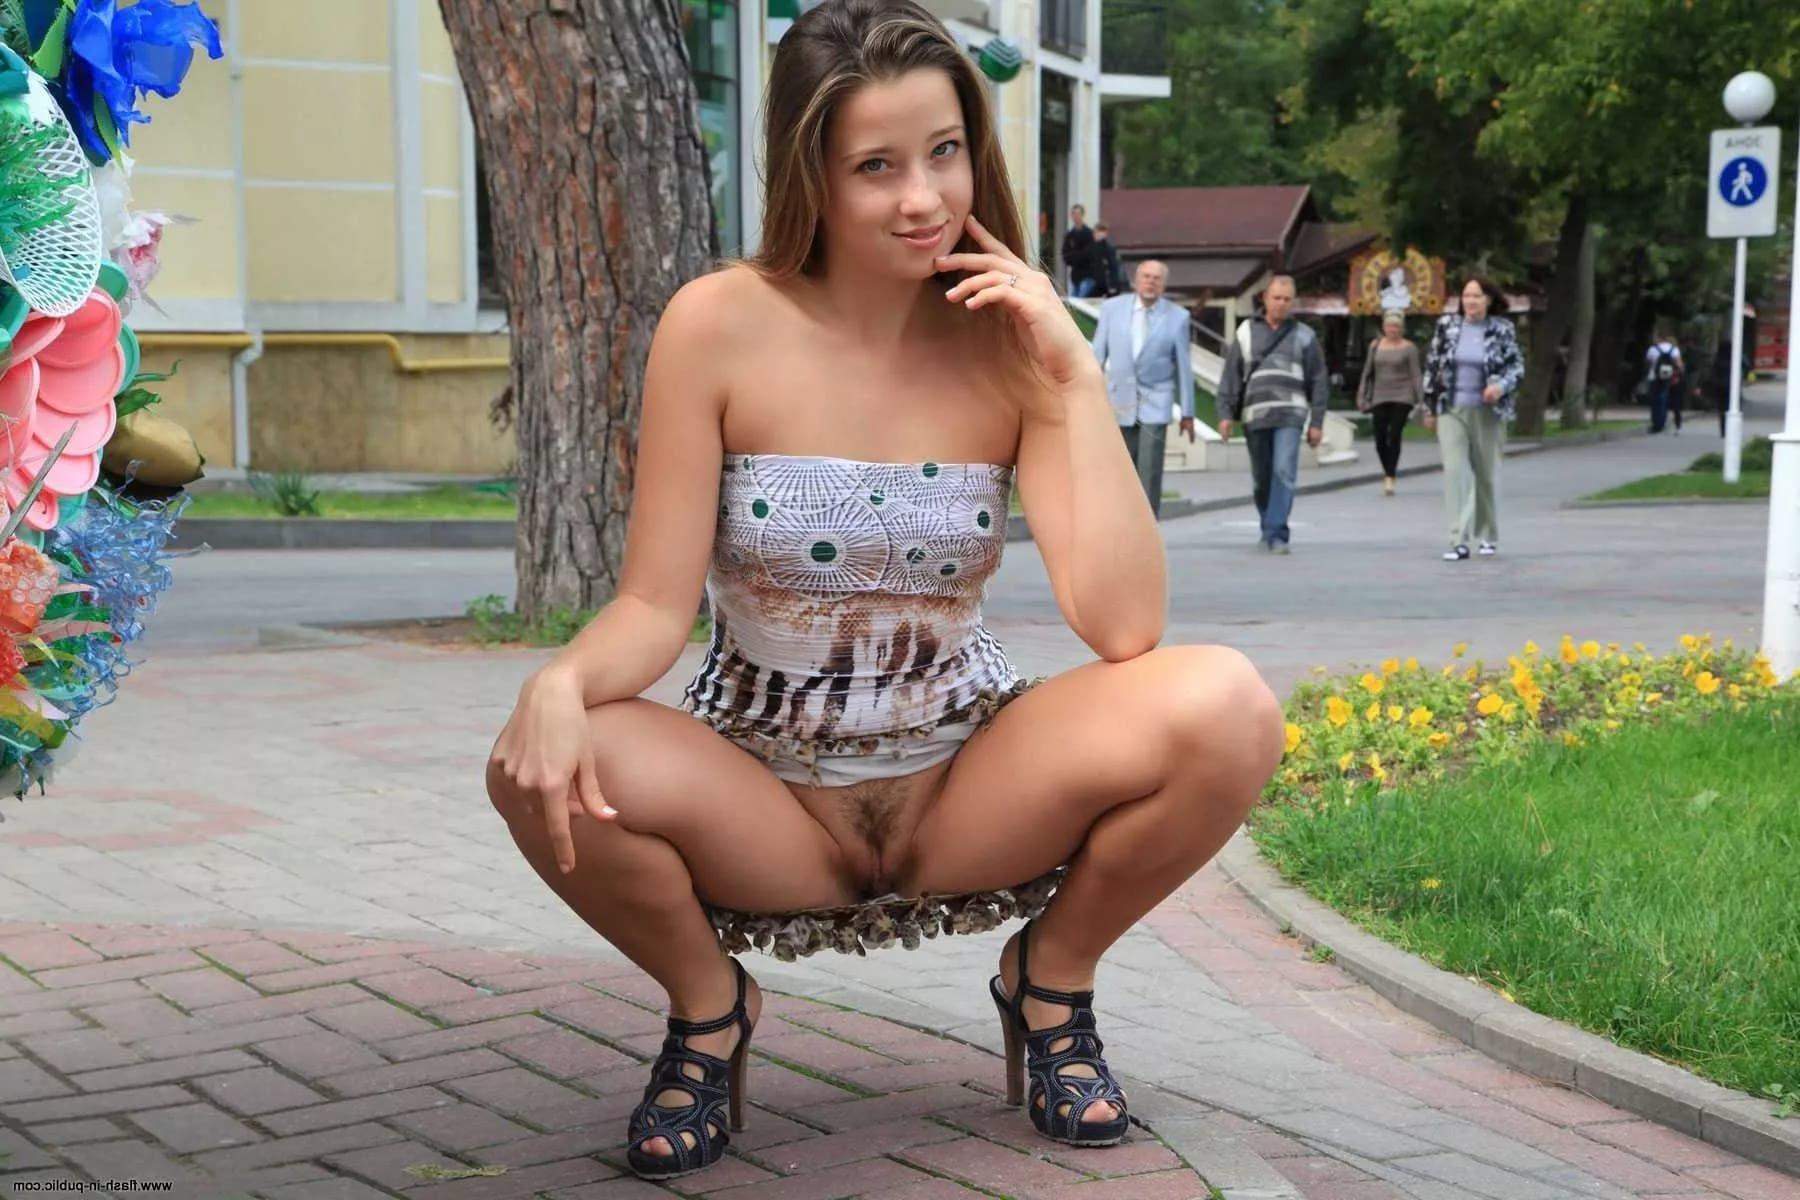 Смотреть видео девушки без трусиков под юбками